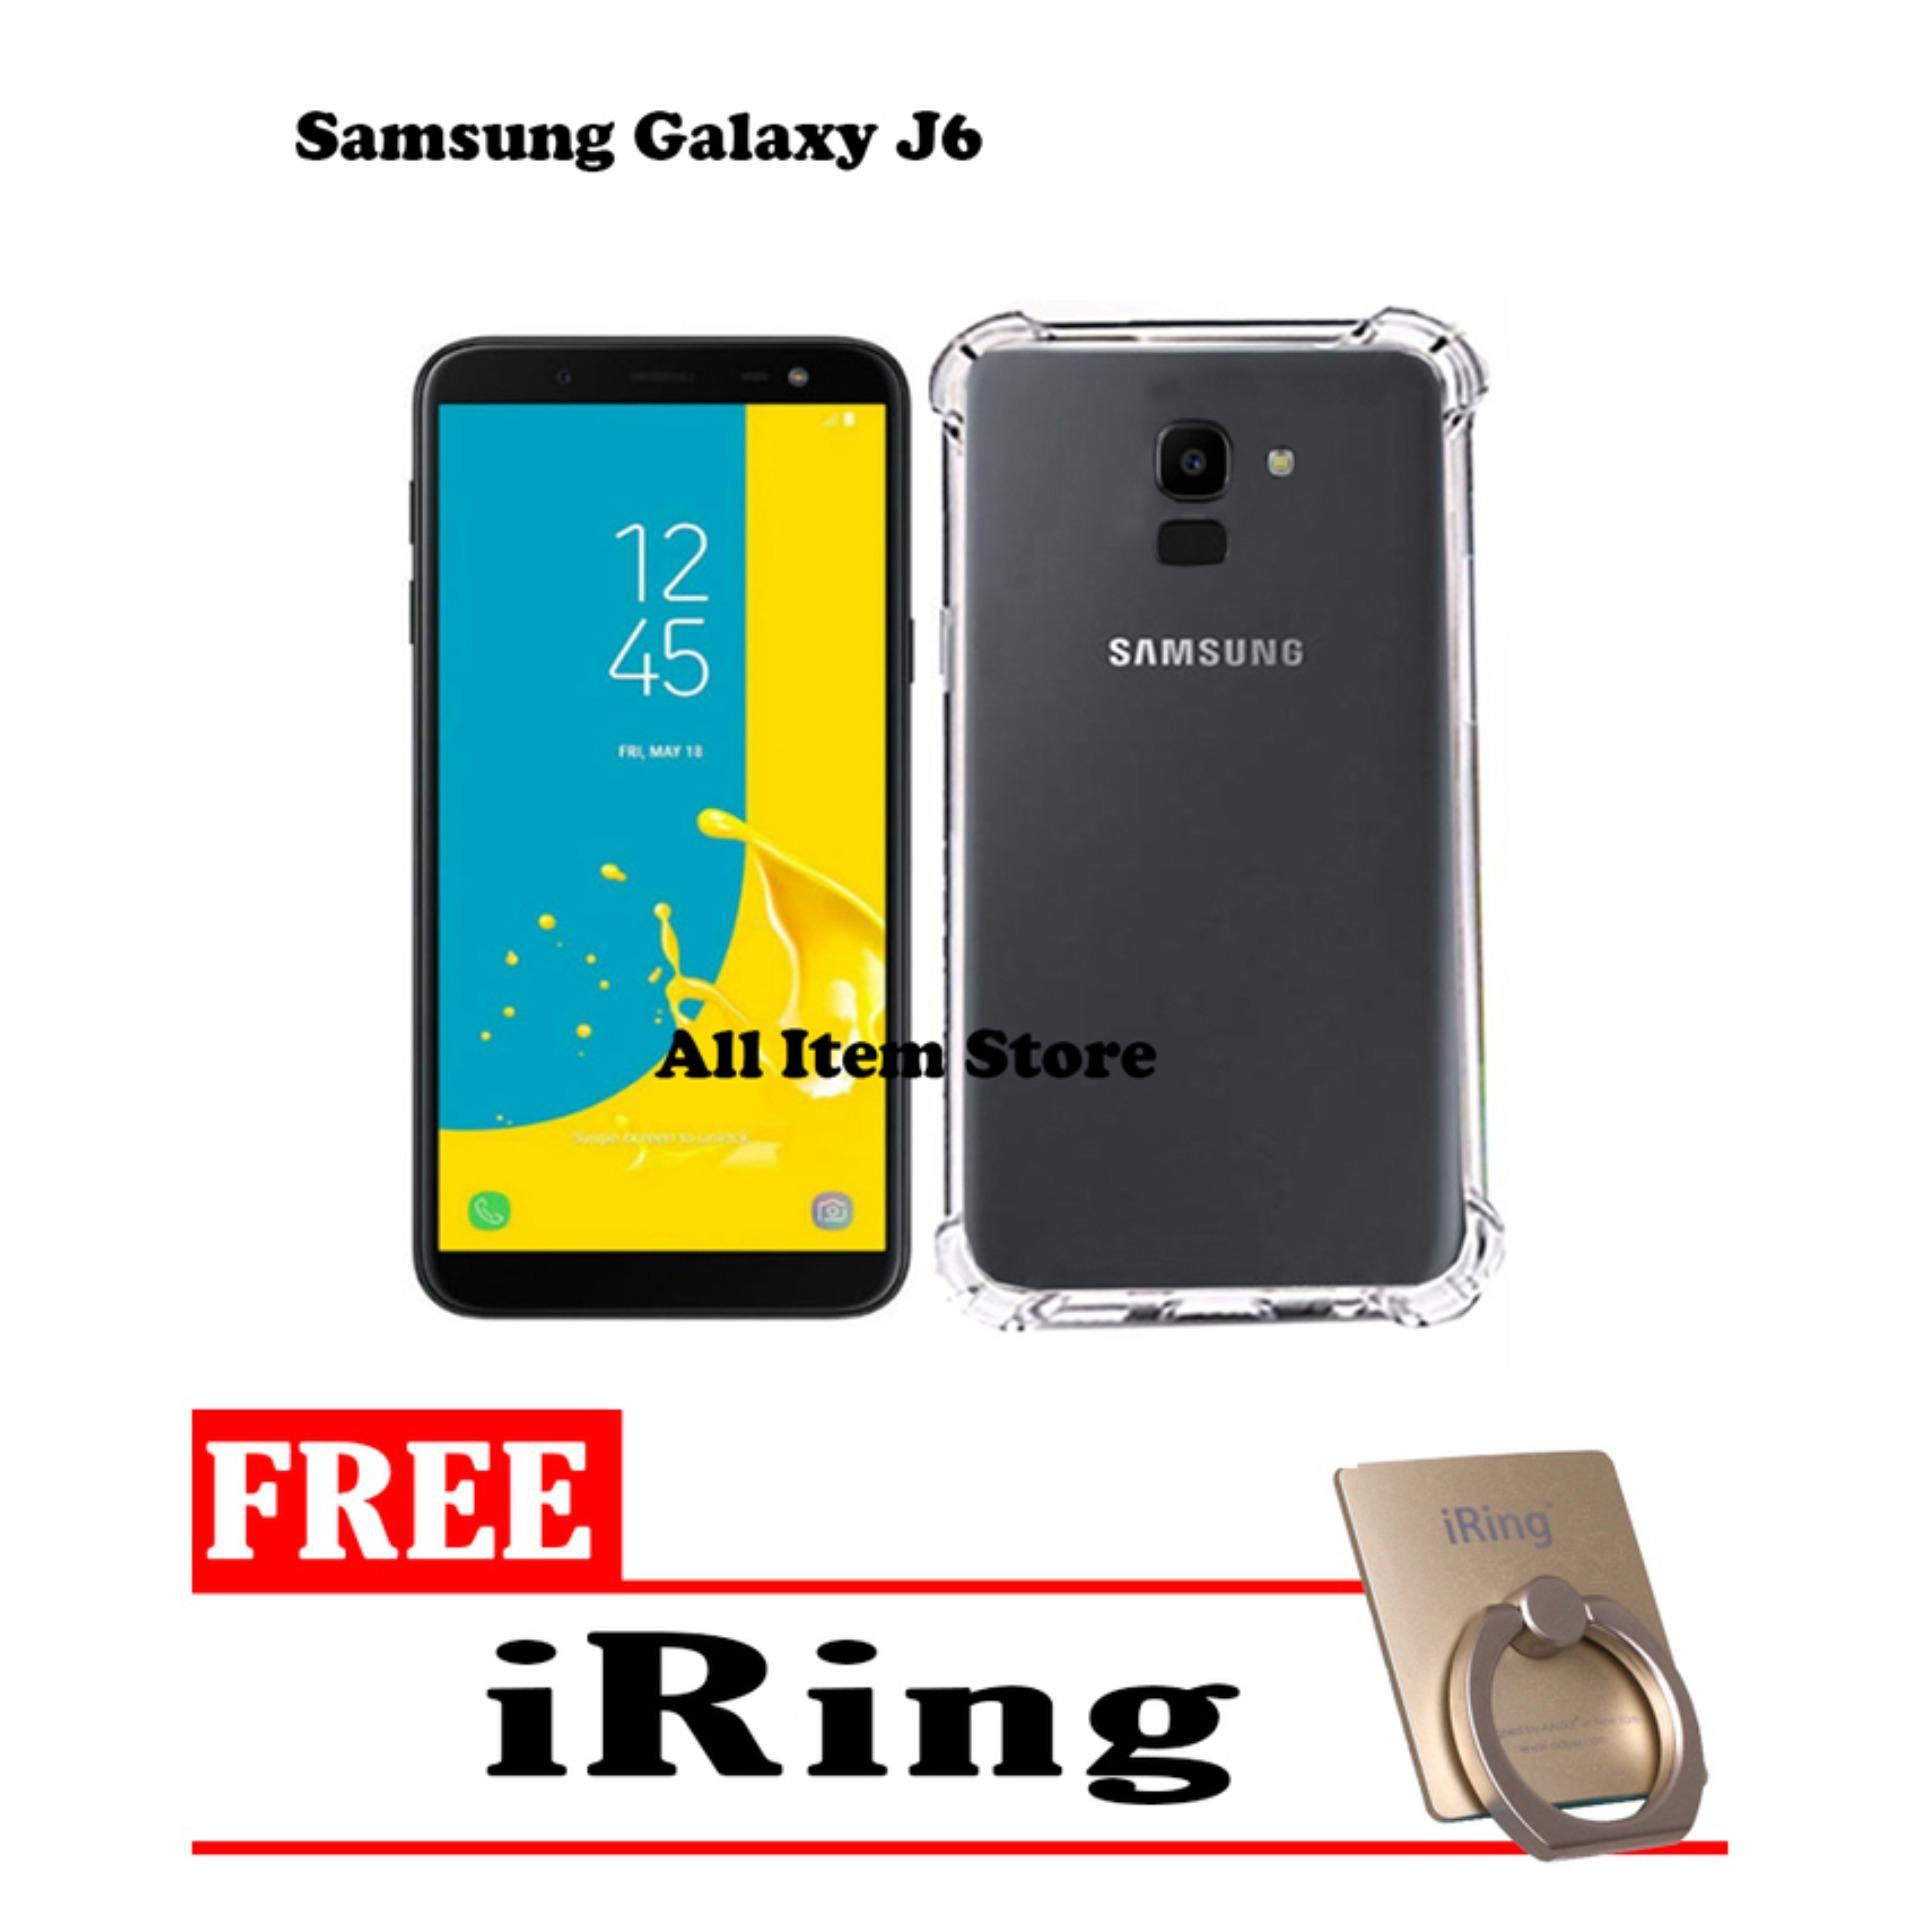 Case Anti Crack / Case Anti Shock Elegant Softcase For Samsung Galaxy J6 2018 - Bening + Free iRing